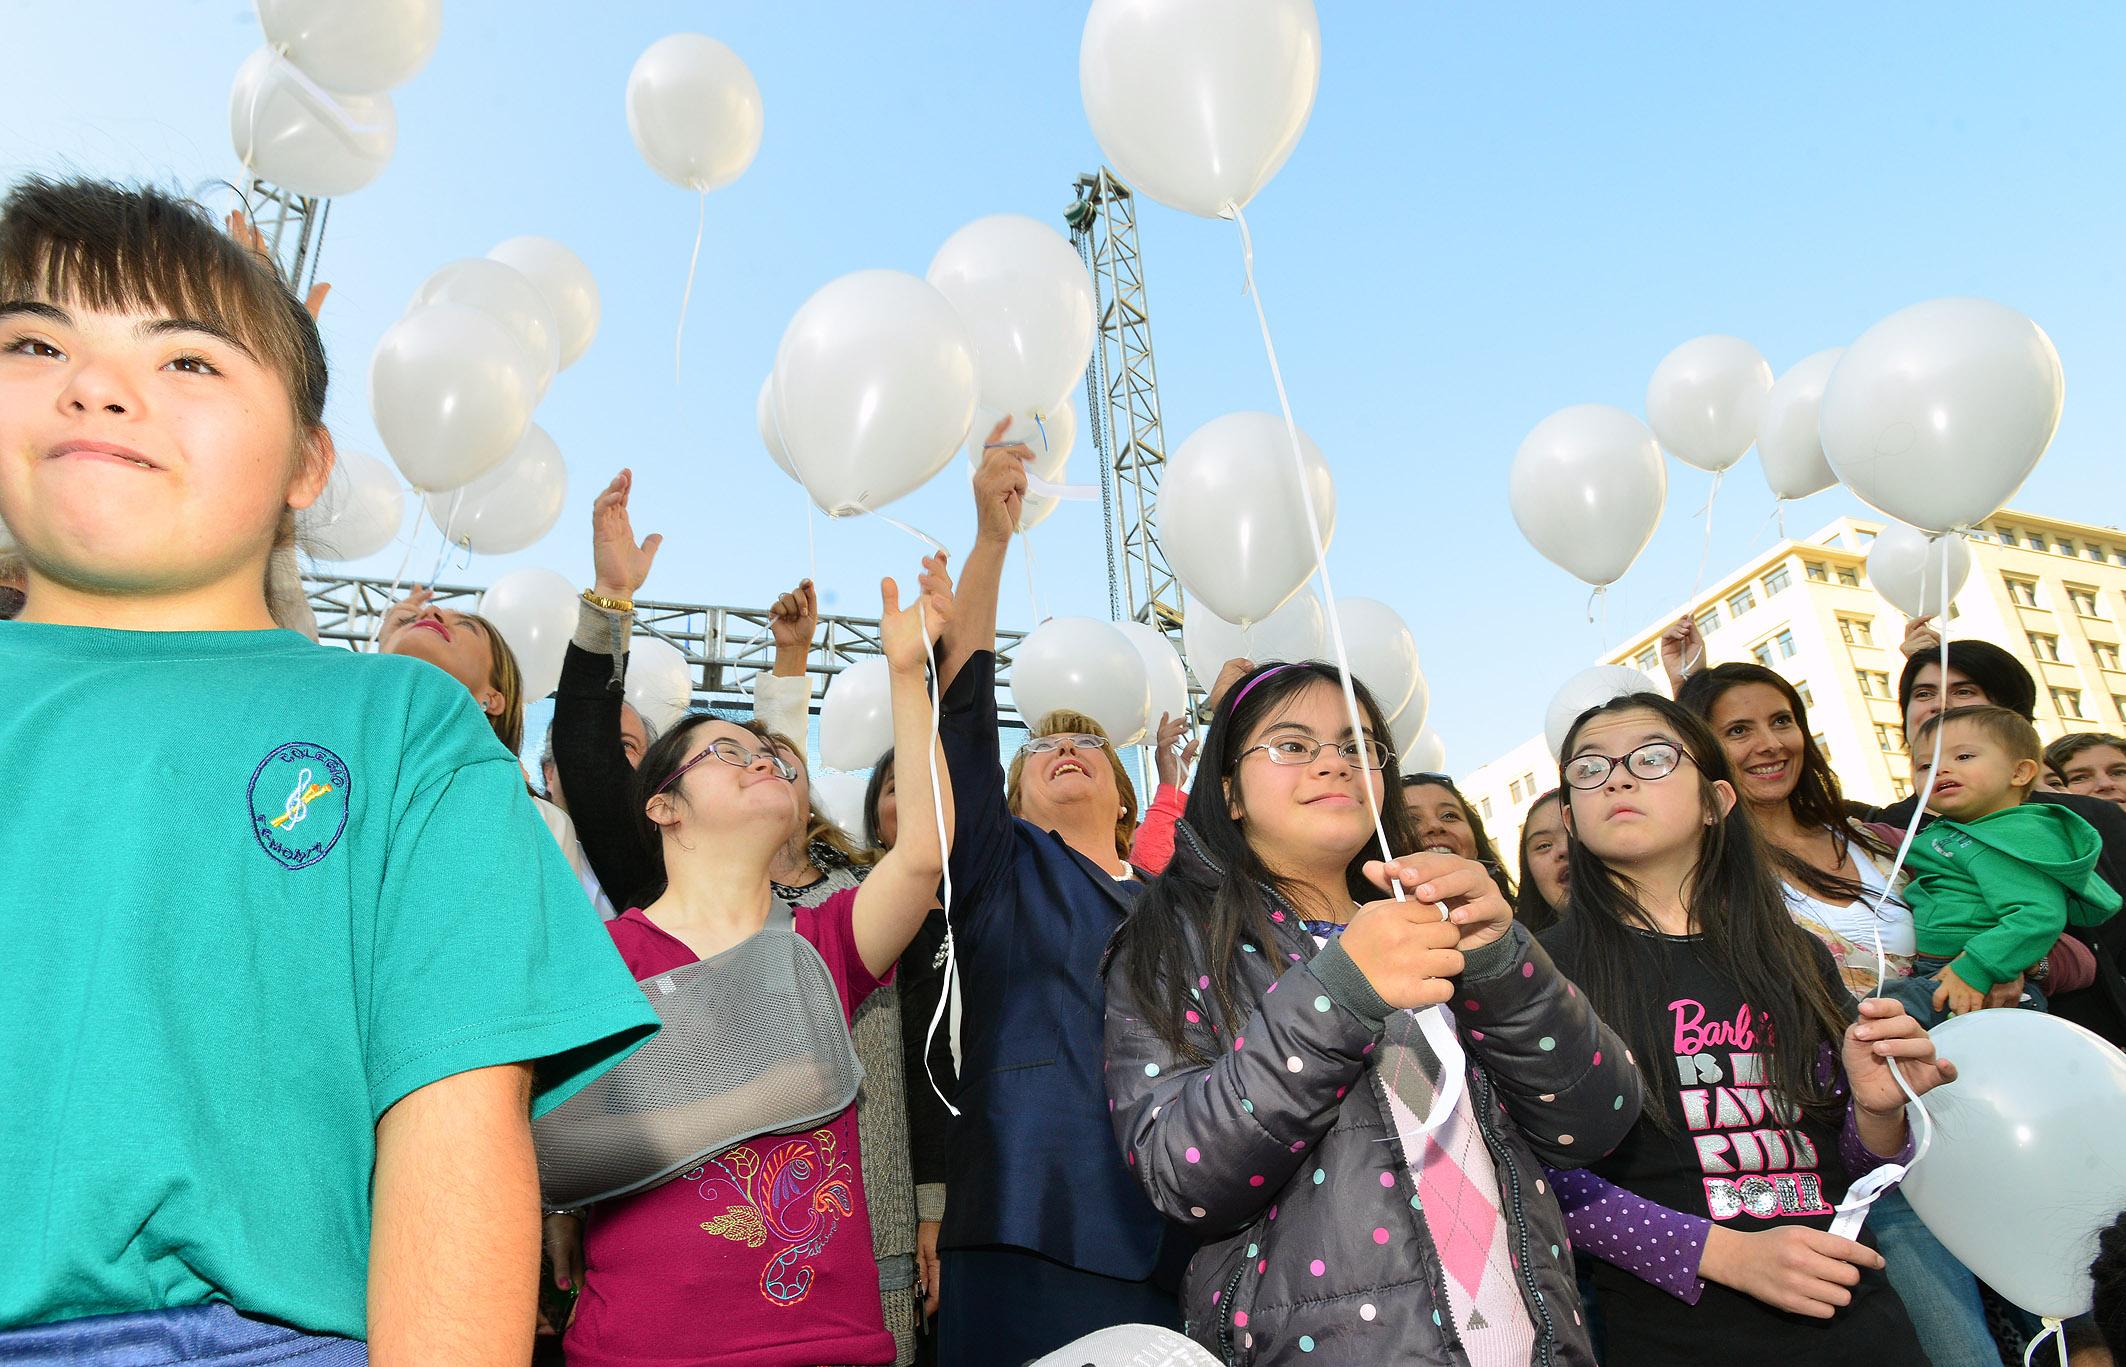 Conmemoración del Día Mundial del Síndrome de Down en la Plaza de la Constitución / Fuente: www.prensapresidencia.cl